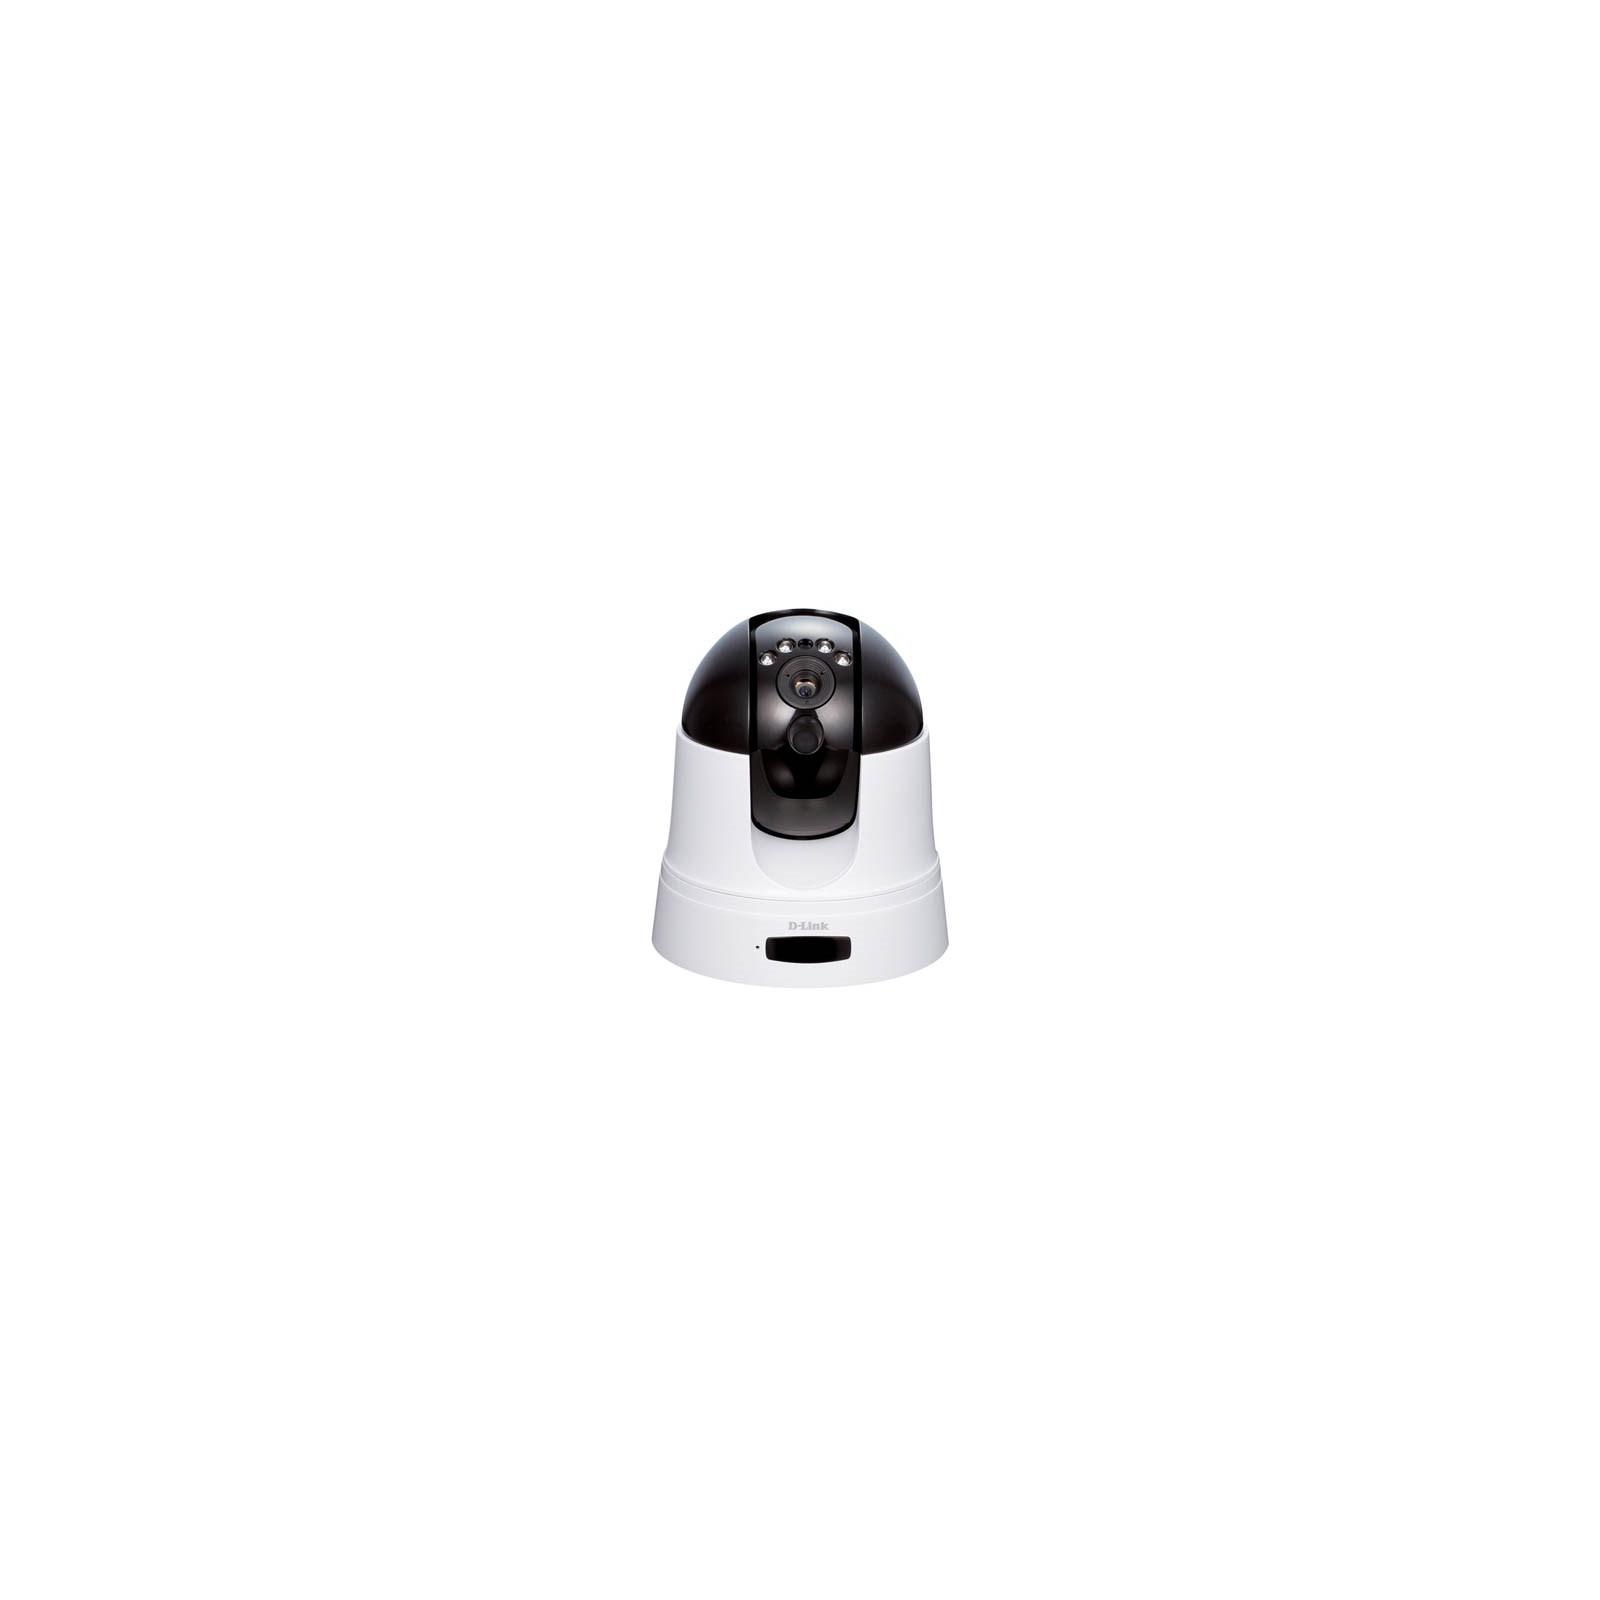 Сетевая камера D-Link DCS-5211L